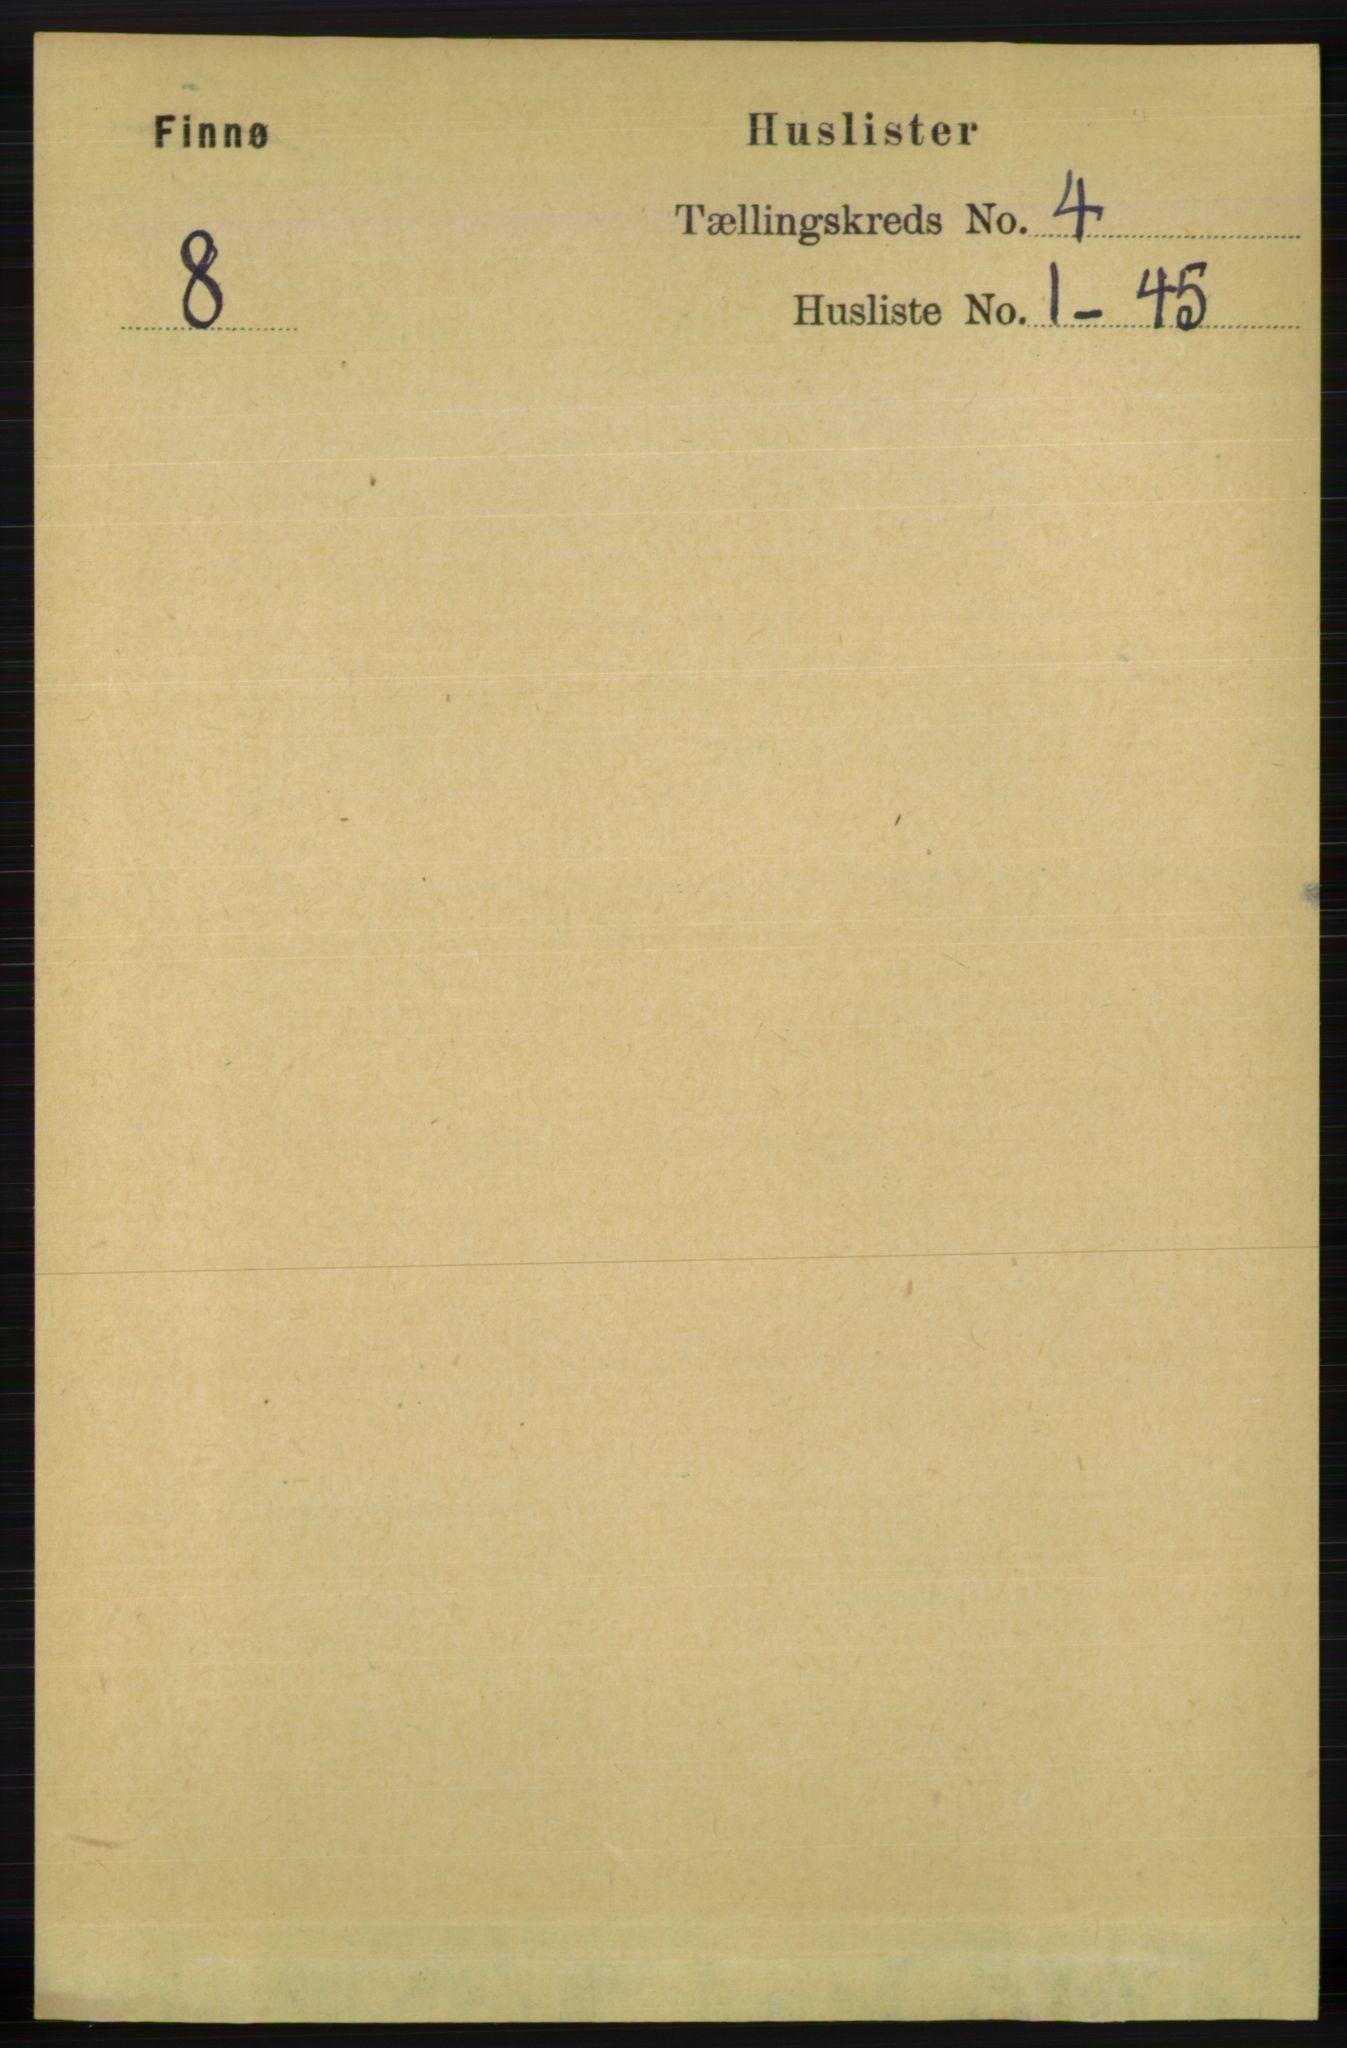 RA, Folketelling 1891 for 1141 Finnøy herred, 1891, s. 777